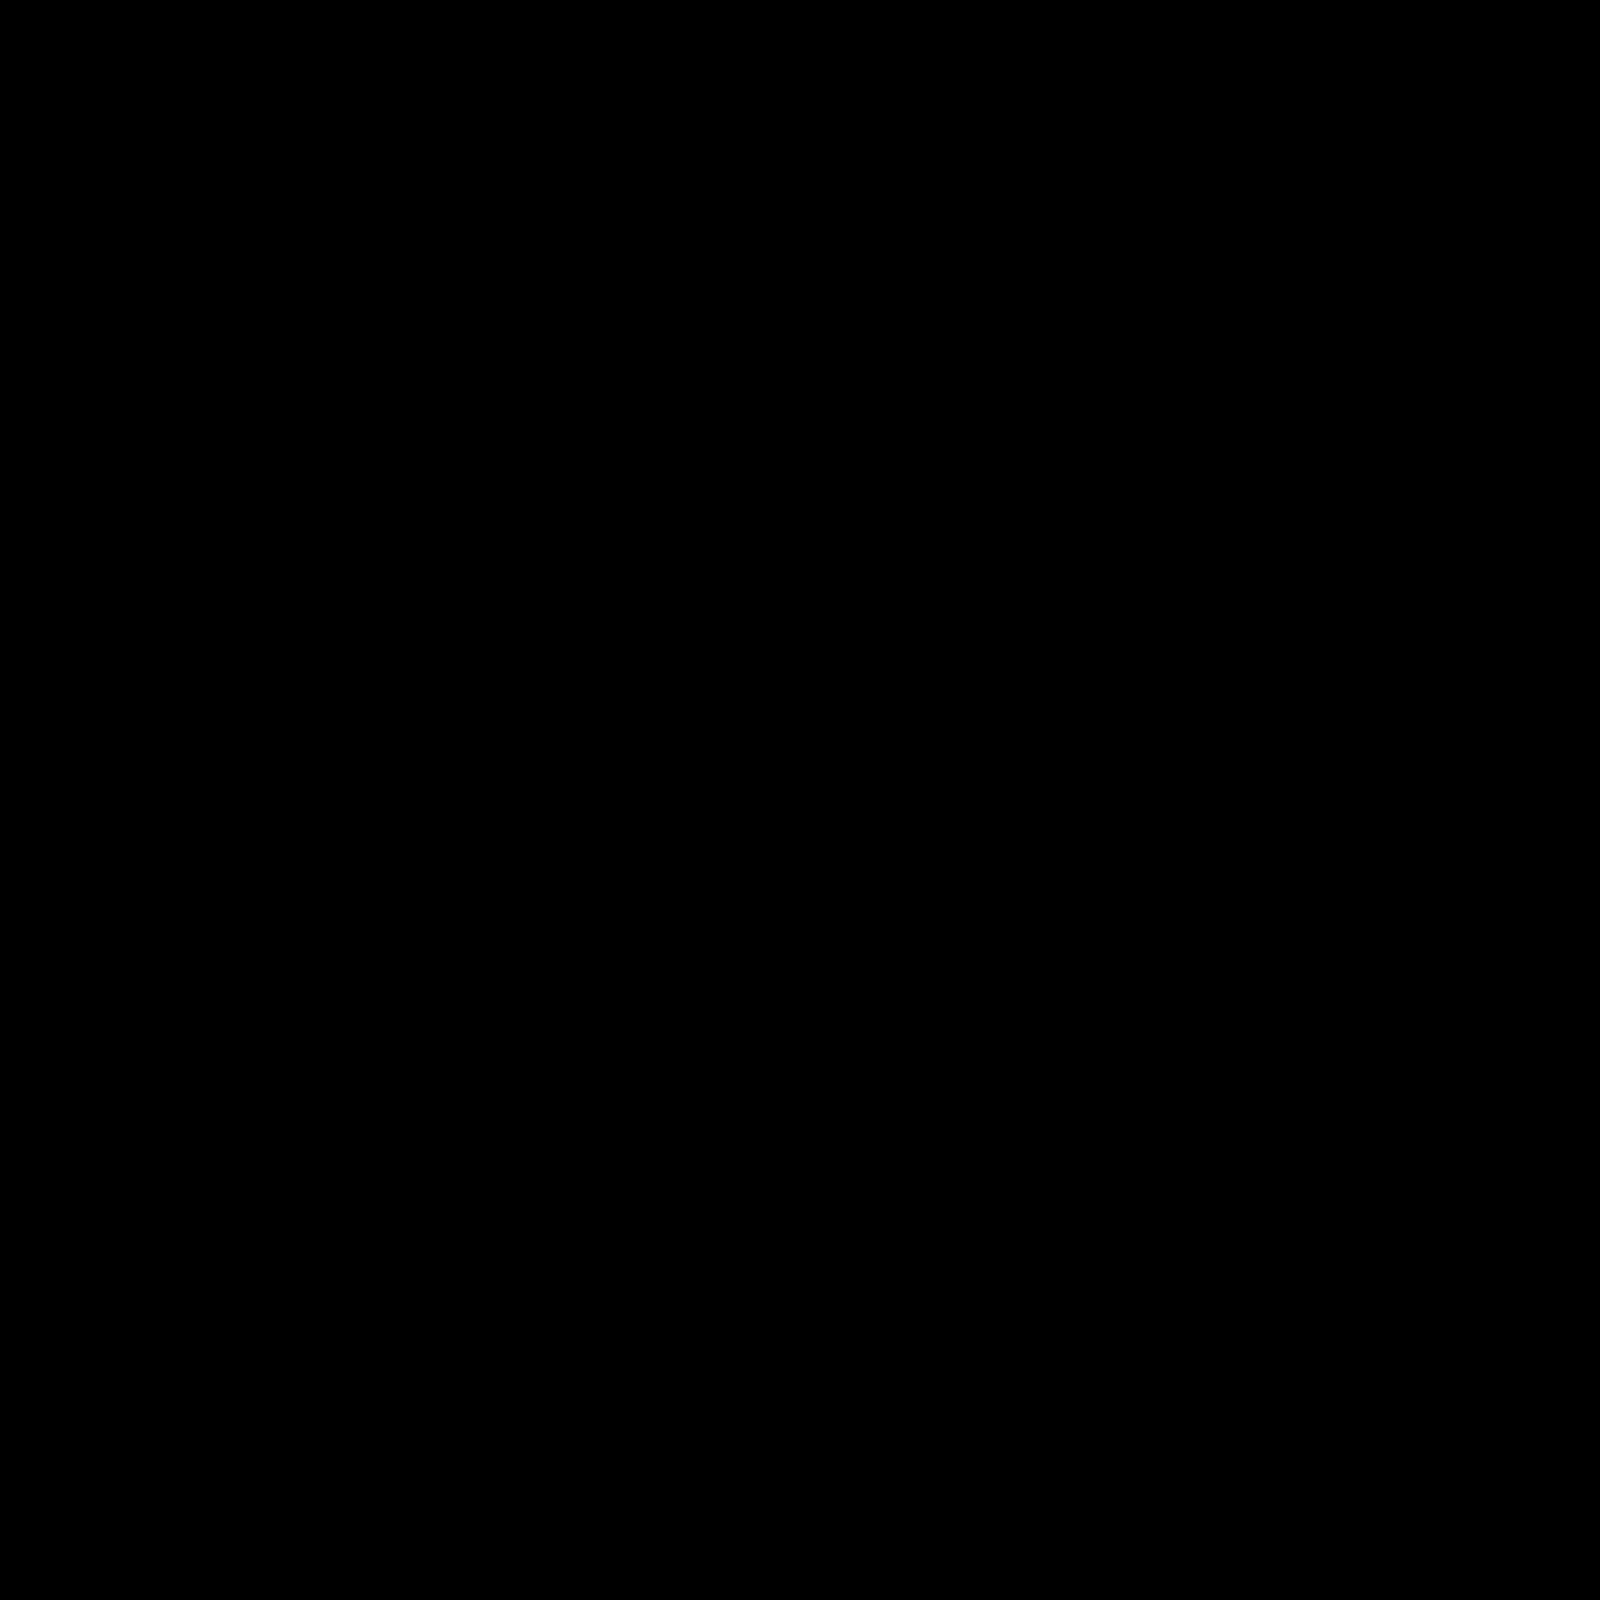 Pescaria icon